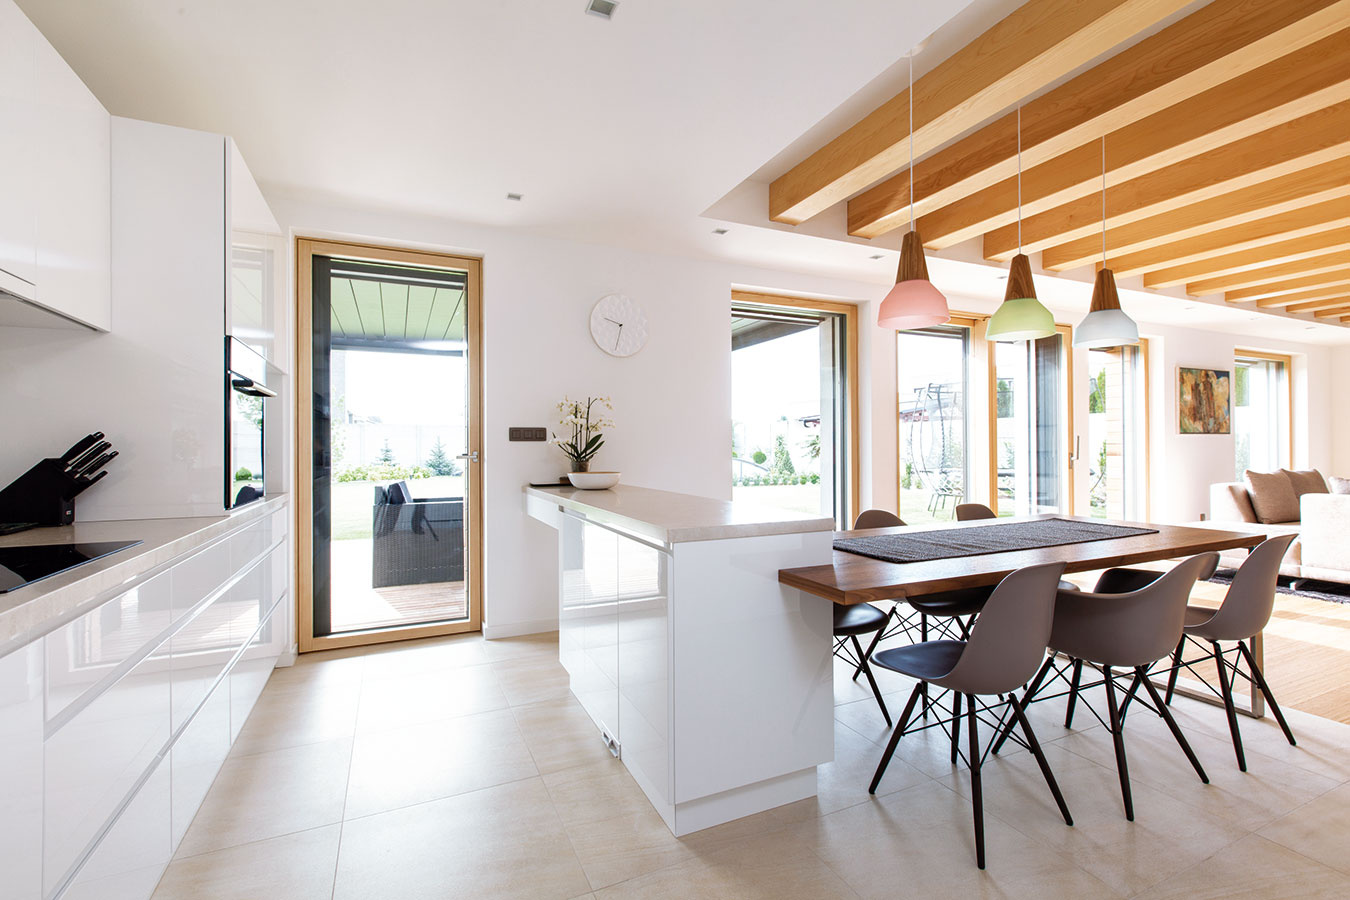 Jemné kontrasty. Chladný, elegantný kameň adomácky pôsobiace drevo; čisté minimalistické línie nábytku zjemnené doplnkami, svietidlami atextíliami... Vďaka citlivo komponovaným kontrastom vznikol príjemný, pokojne pôsobiaci interiér, ktorý však rozhodne nenudí.